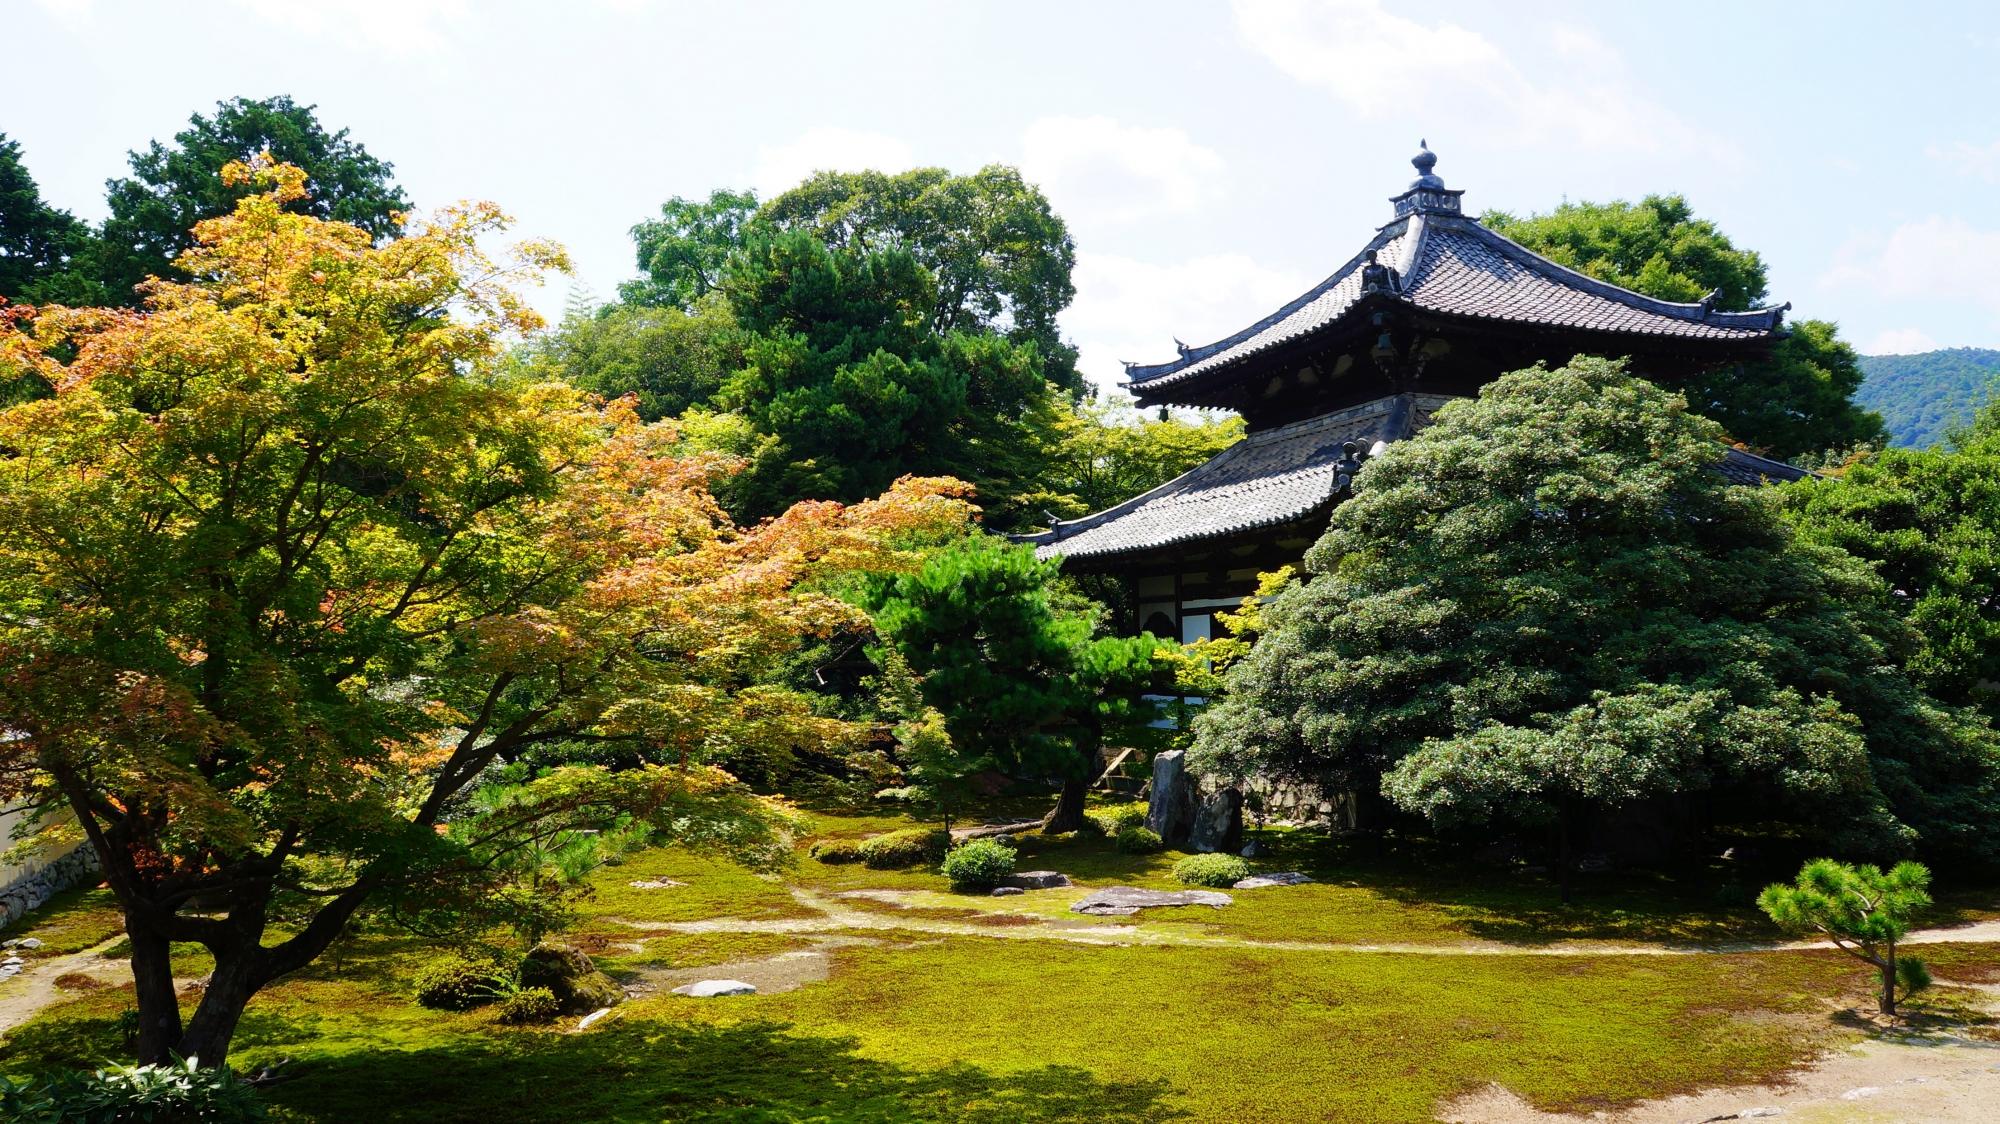 鹿王院 青もみじと苔 嵐山の穴場のお寺